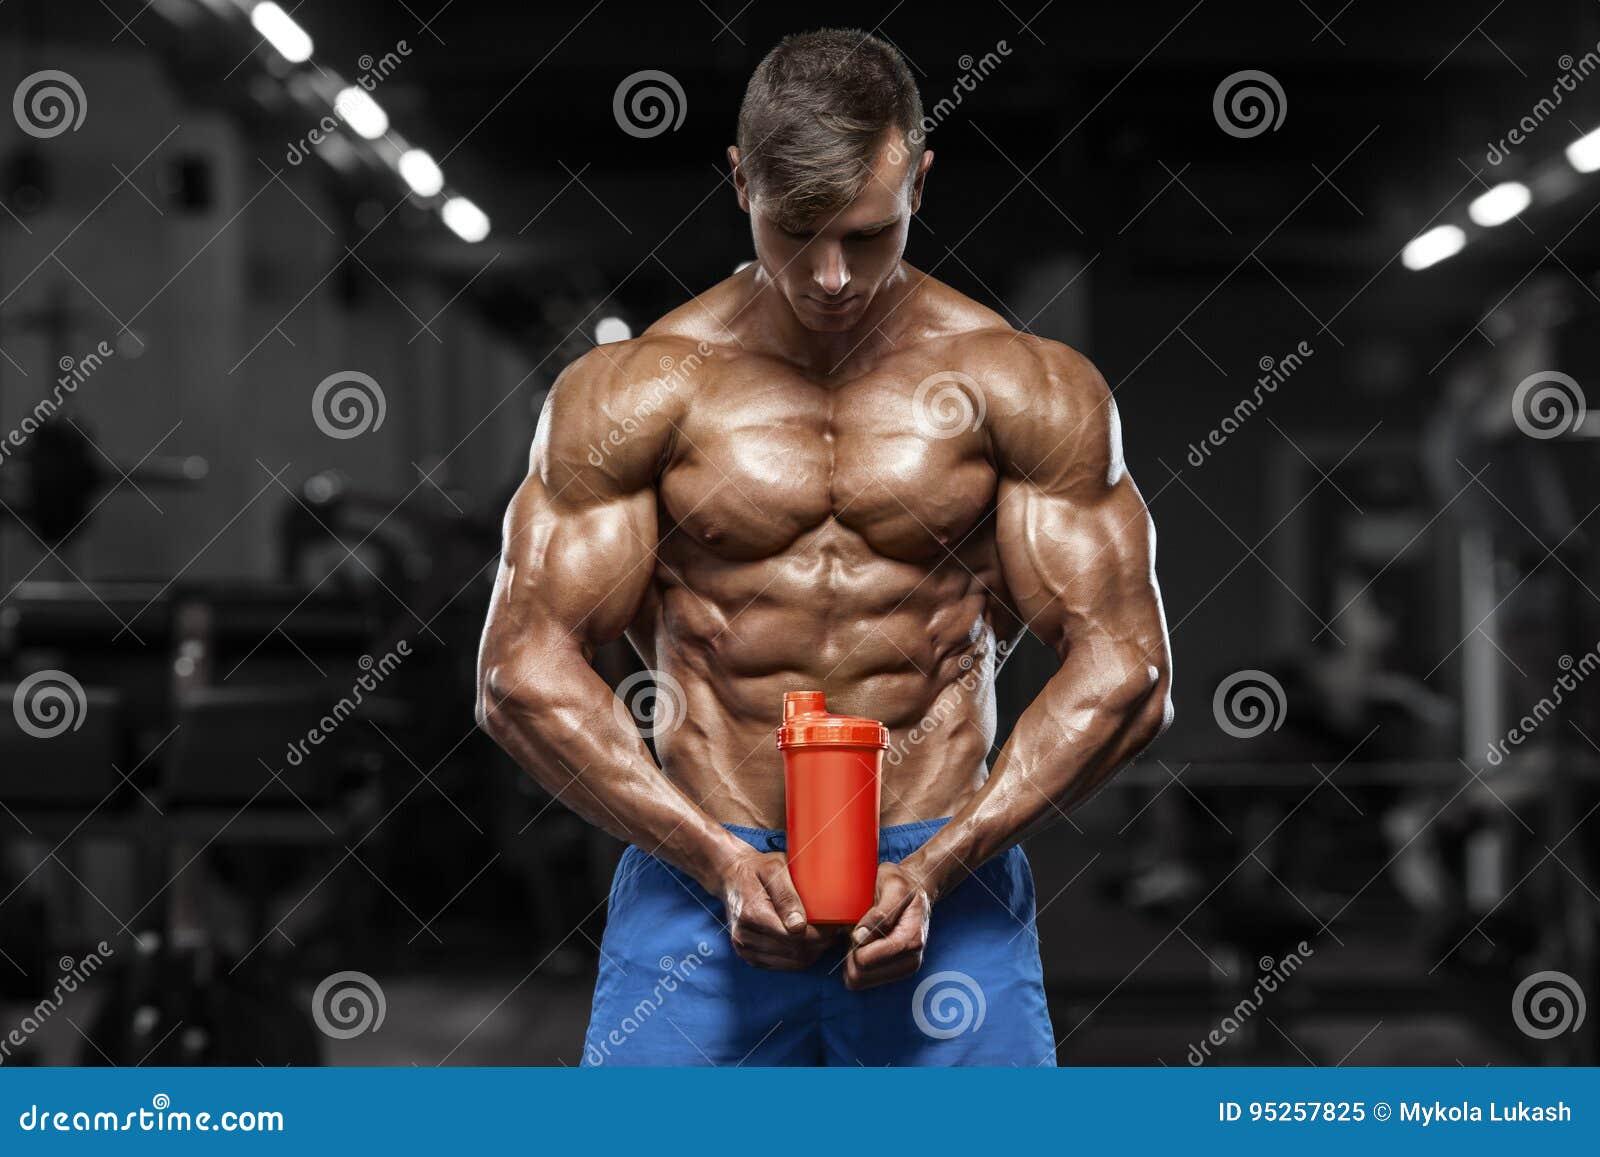 Muskulös man i idrottshallen med shaker, format buk- Stark manlig naken torsoabs som utarbetar